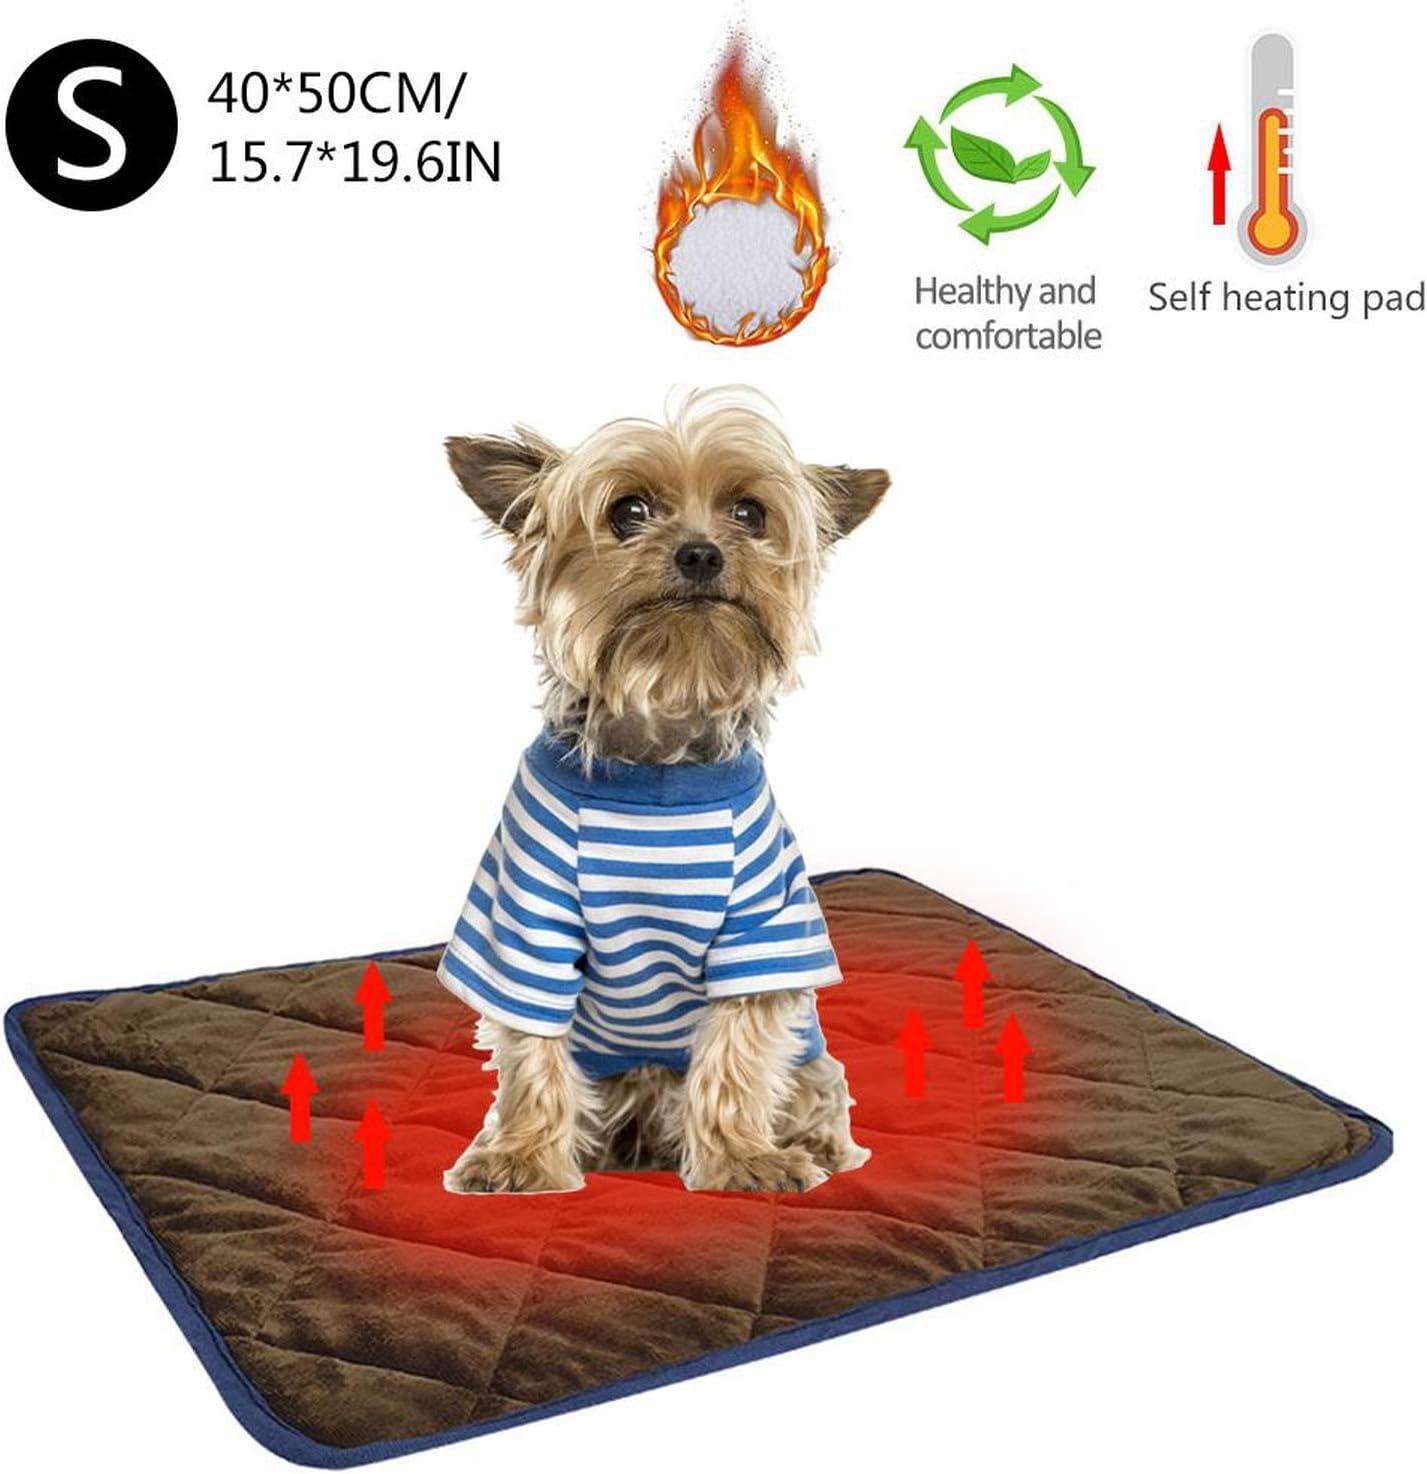 Gato Perro caliente mascotas Cuenta Calefacción Pads Invierno Manta suave y cómodo para mascotas térmicas Mats lavable almohada para los sillones Plantas camas para mascotas, Brown, L 58x88cm